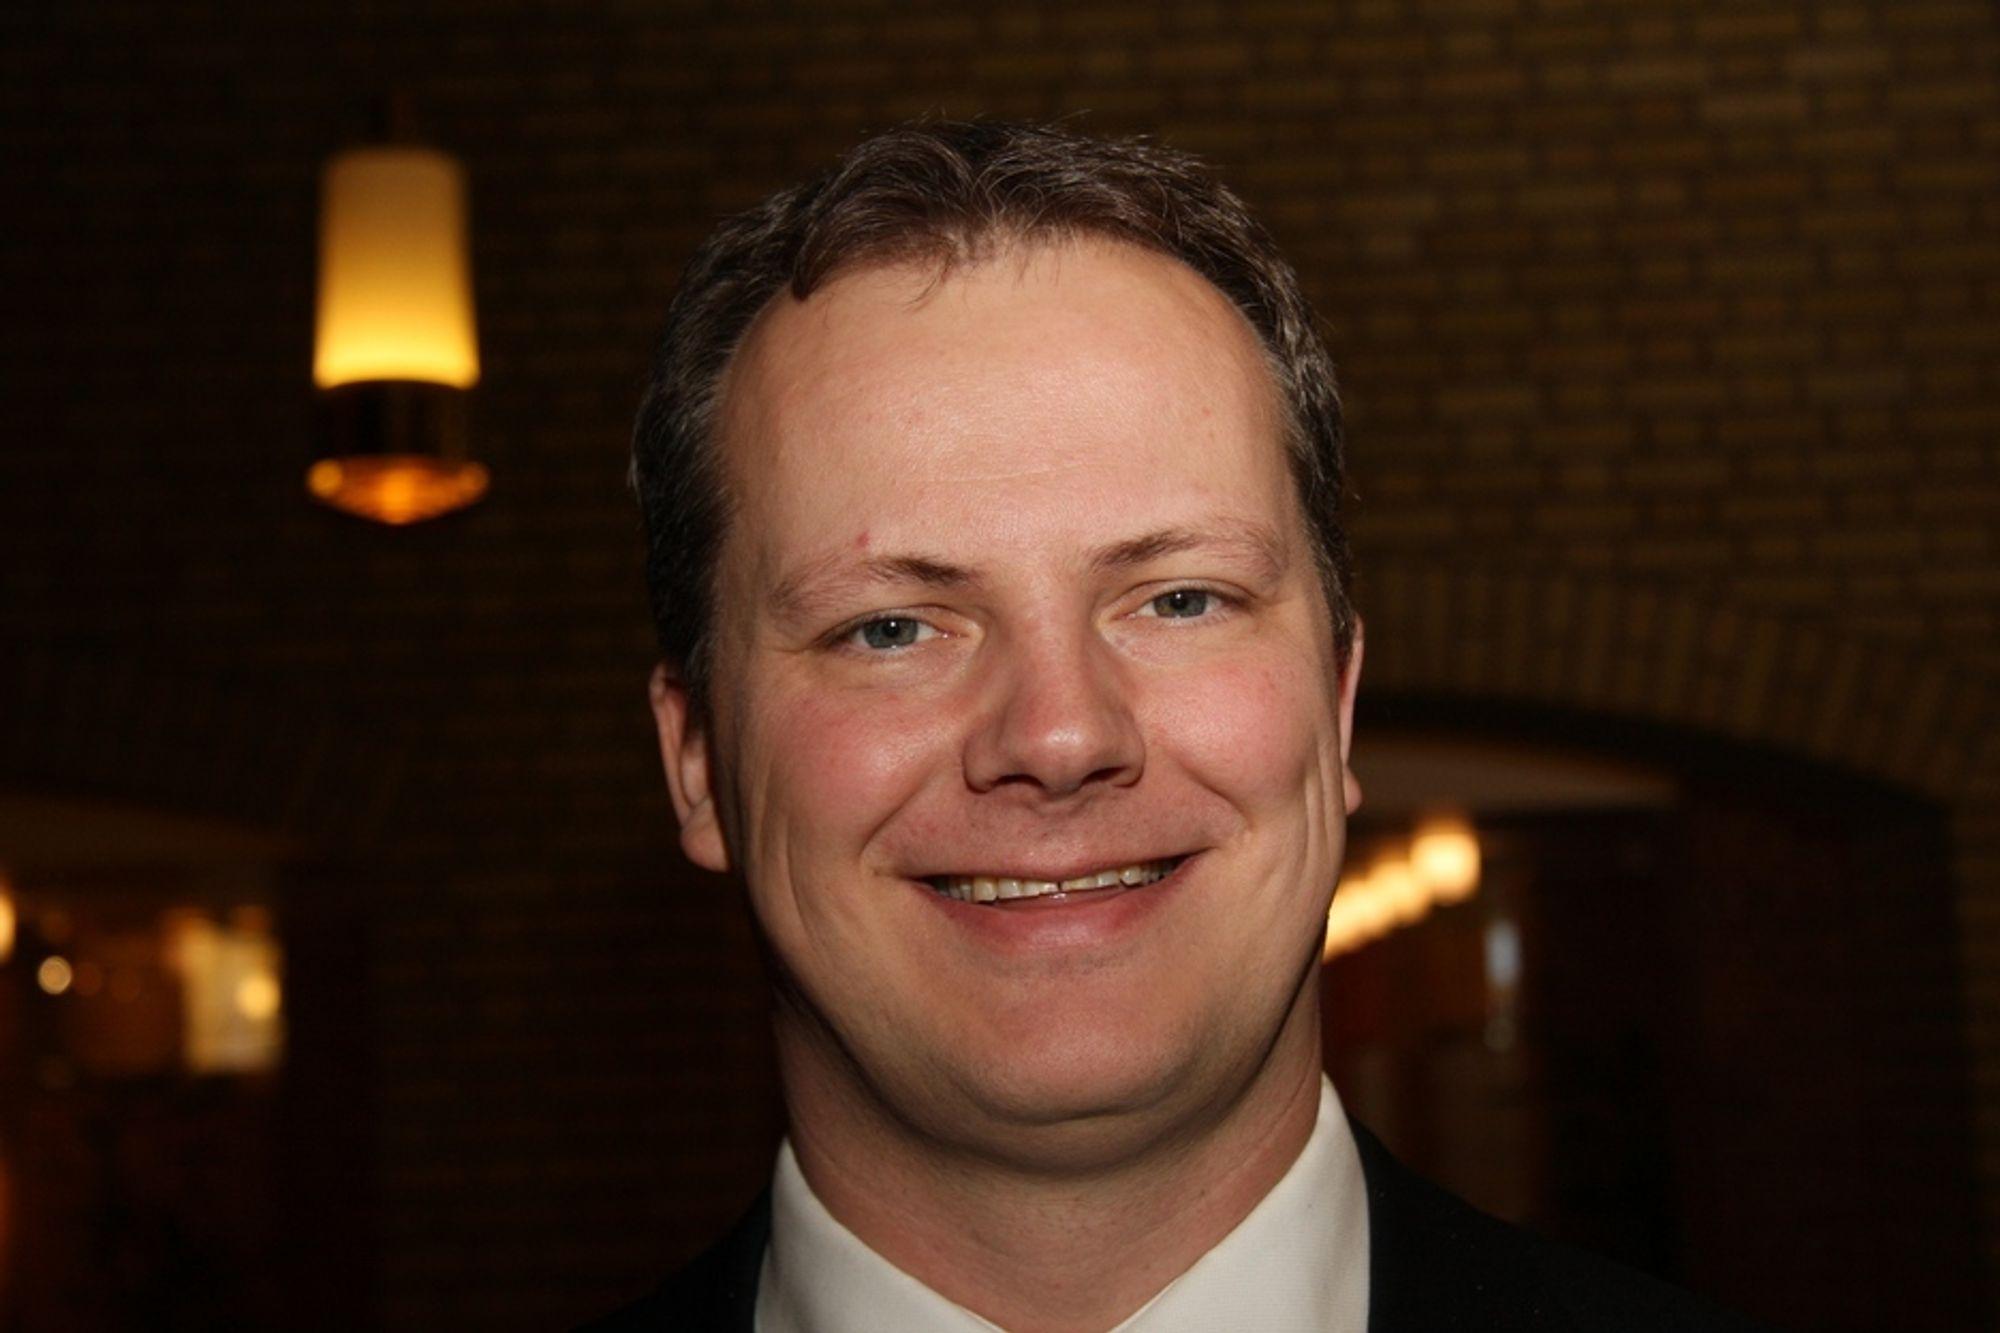 LER AV FORBUD: - Et tøvete forbud, mener energi- og klimapolitiske talsmann i Frp, Ketil Solvik-Olsen, om SV-vedtaket om å forby salg av bensinbiler fra 2015.